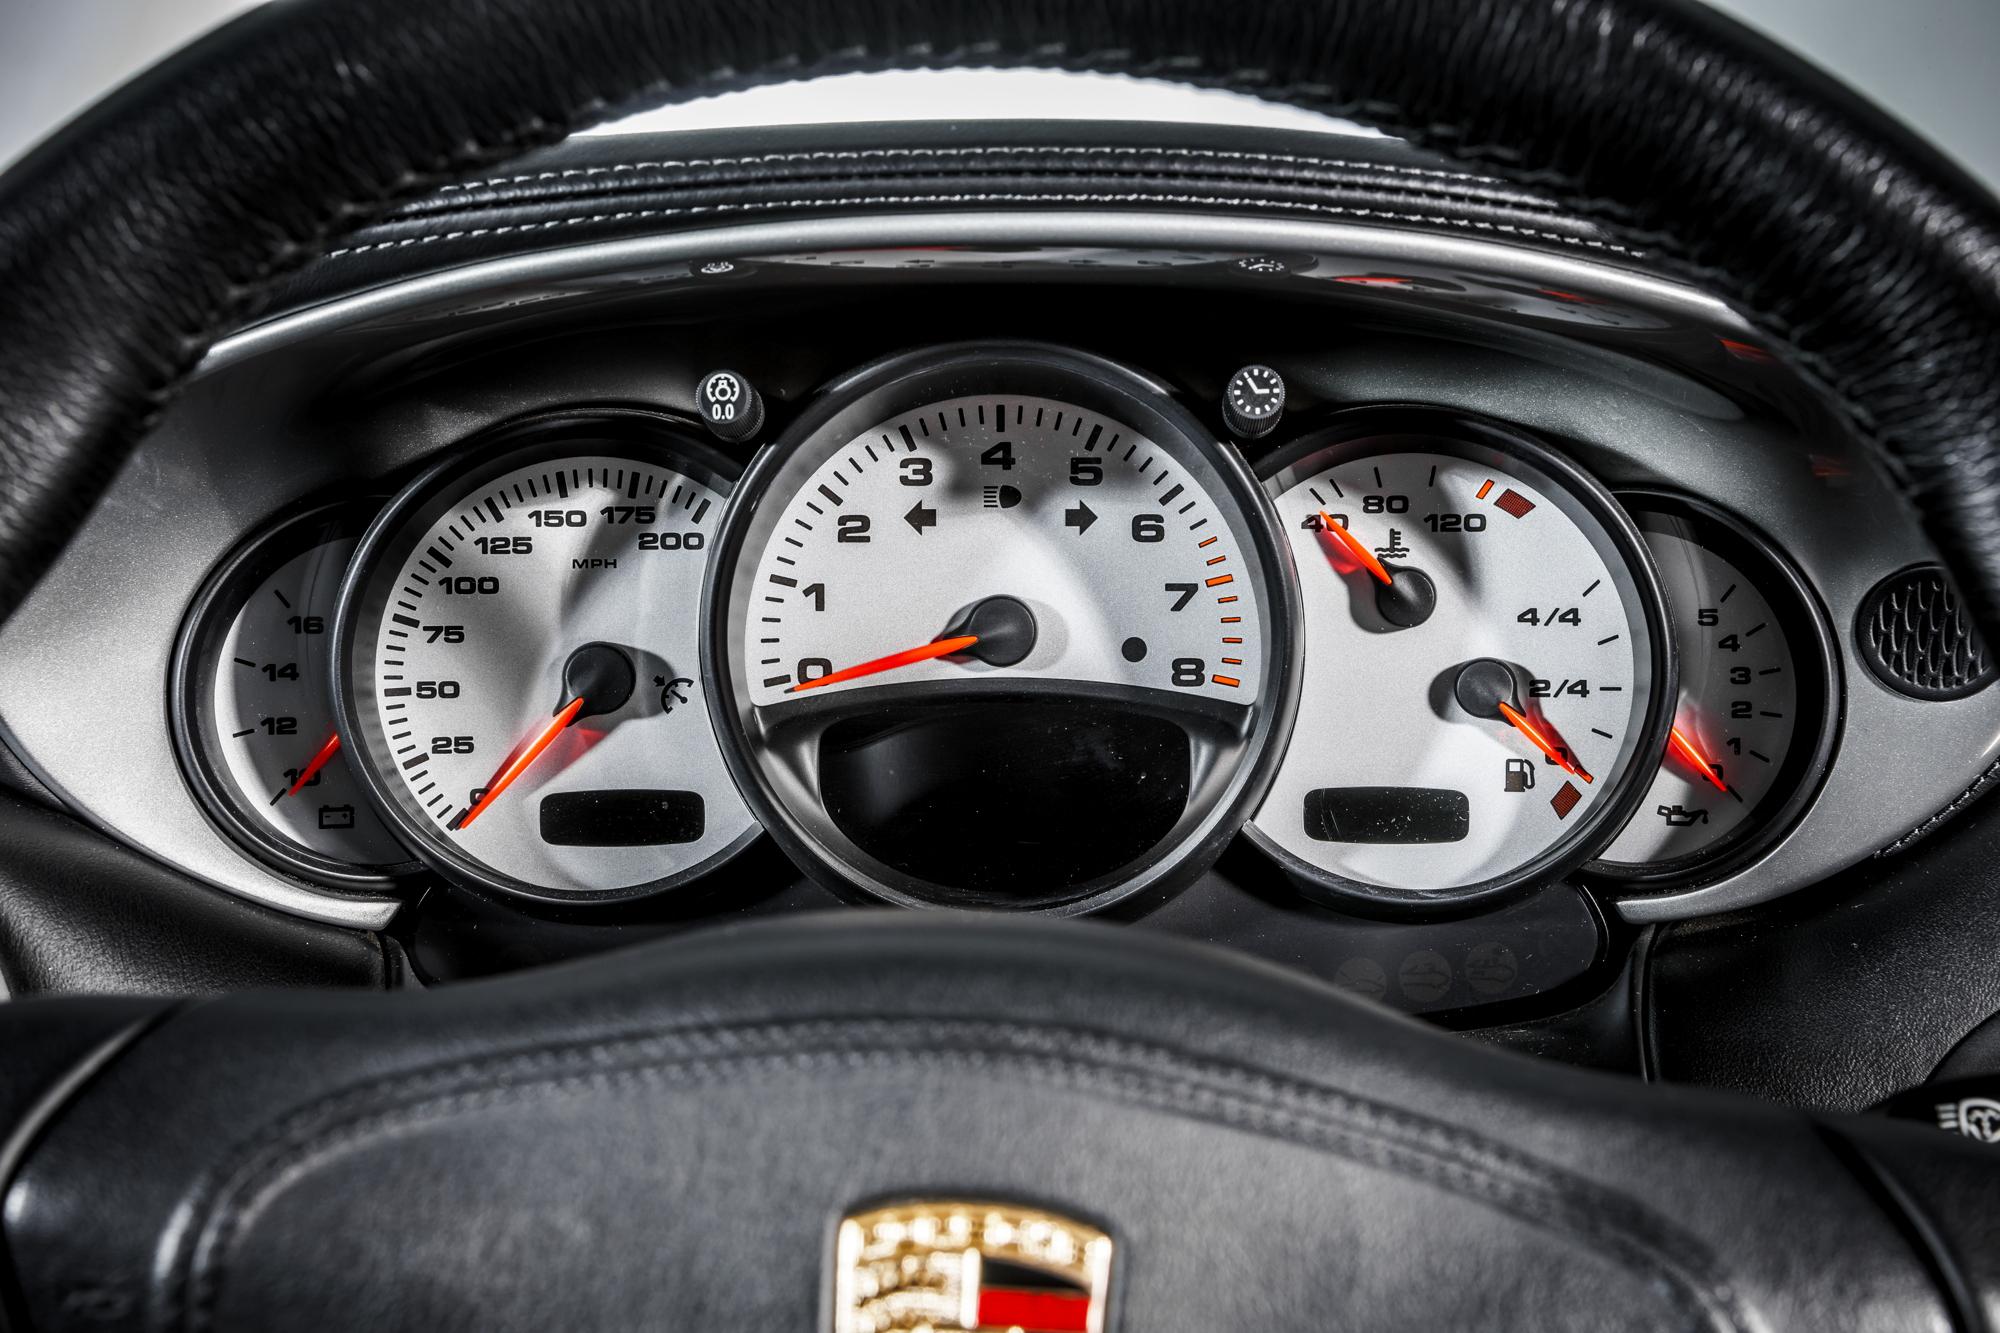 Porsche 996 GT2 dashboard